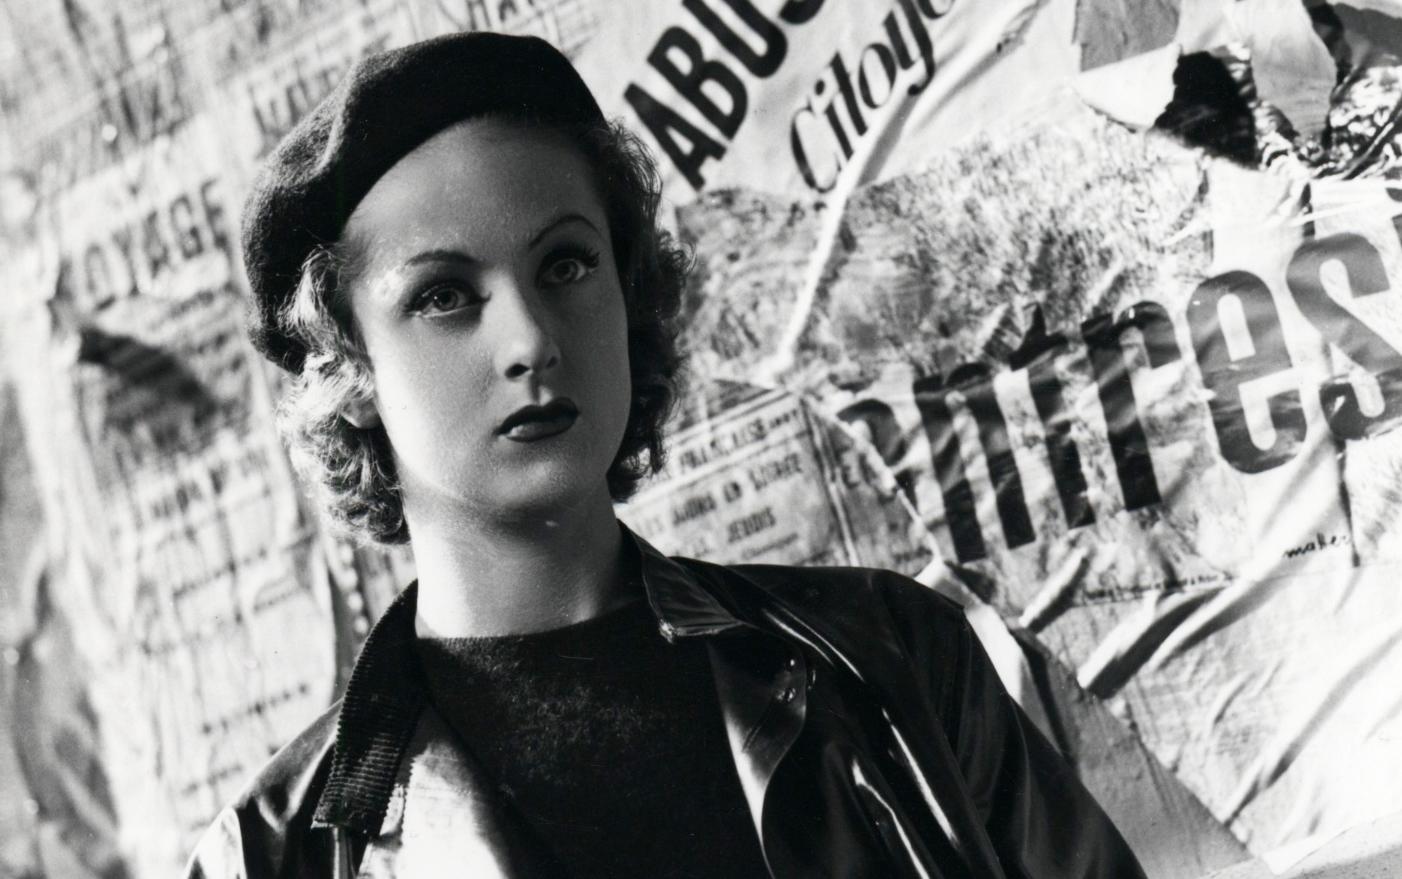 Abus de confiance (Henri Decoin, 1937)